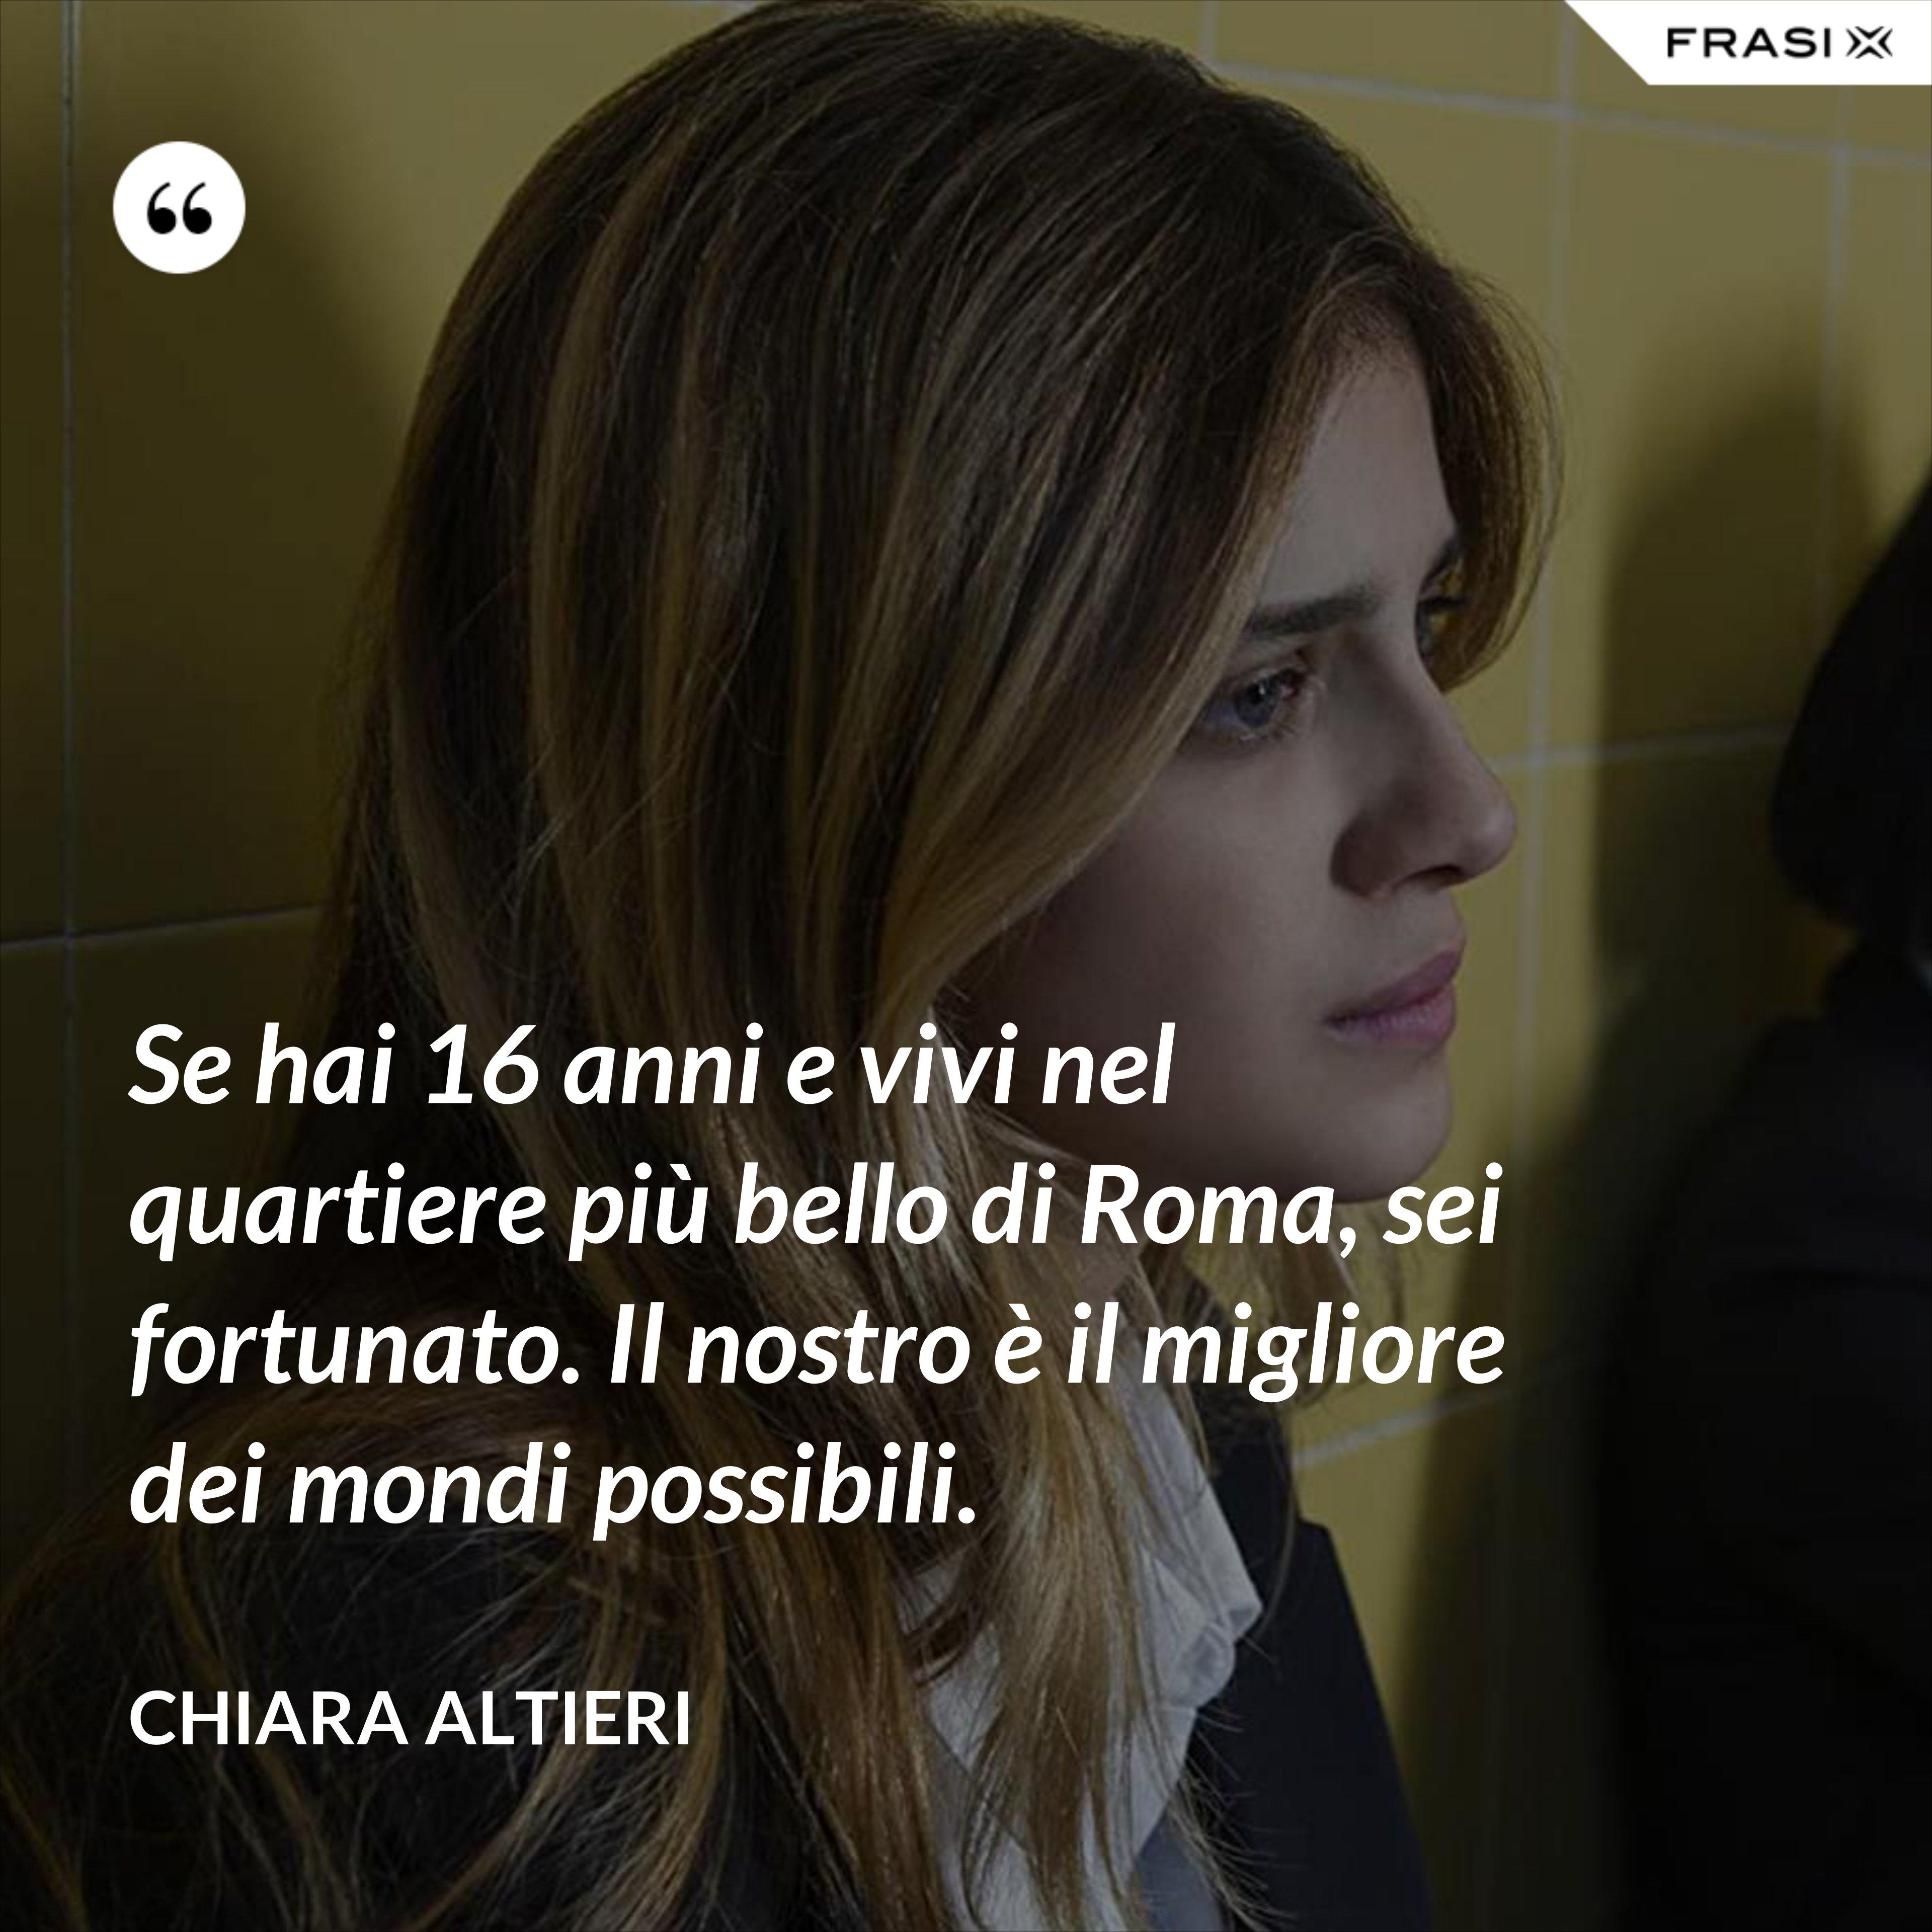 Se hai 16 anni e vivi nel quartiere più bello di Roma, sei fortunato. Il nostro è il migliore dei mondi possibili. - Chiara Altieri